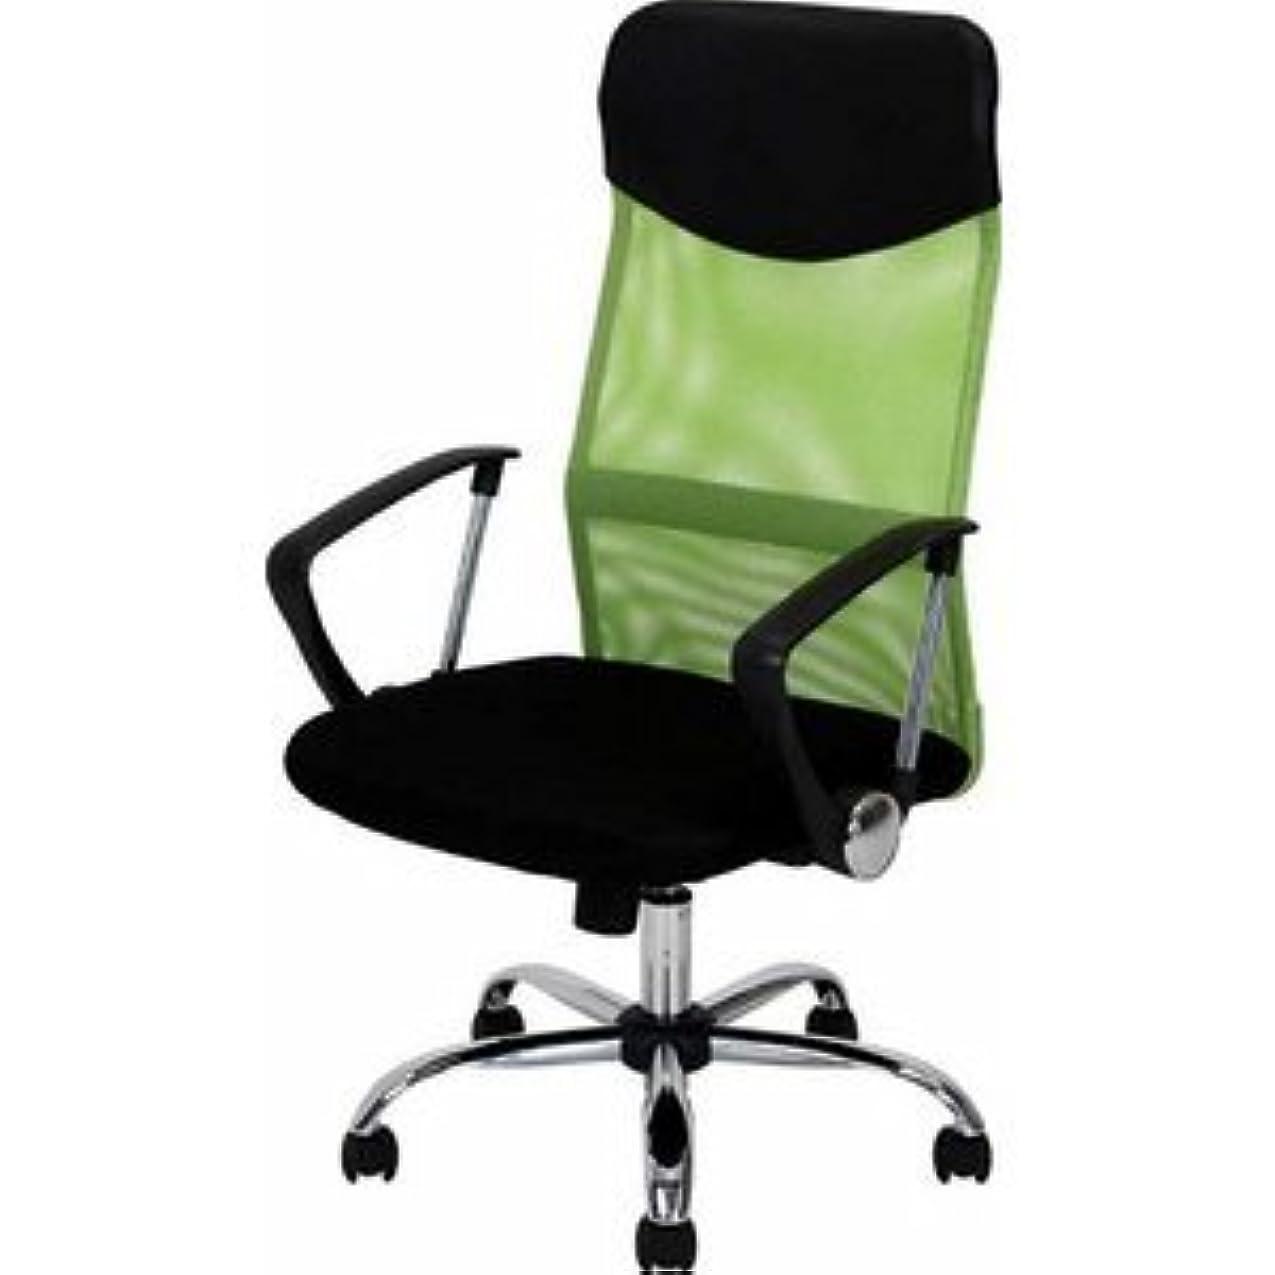 お金聴く電報デスクチェア(椅子)/メッシュバックチェアー ガス圧昇降機能/肘掛け/キャスター付き HF-98GR グリーン(緑)【組立品】【代引不可】